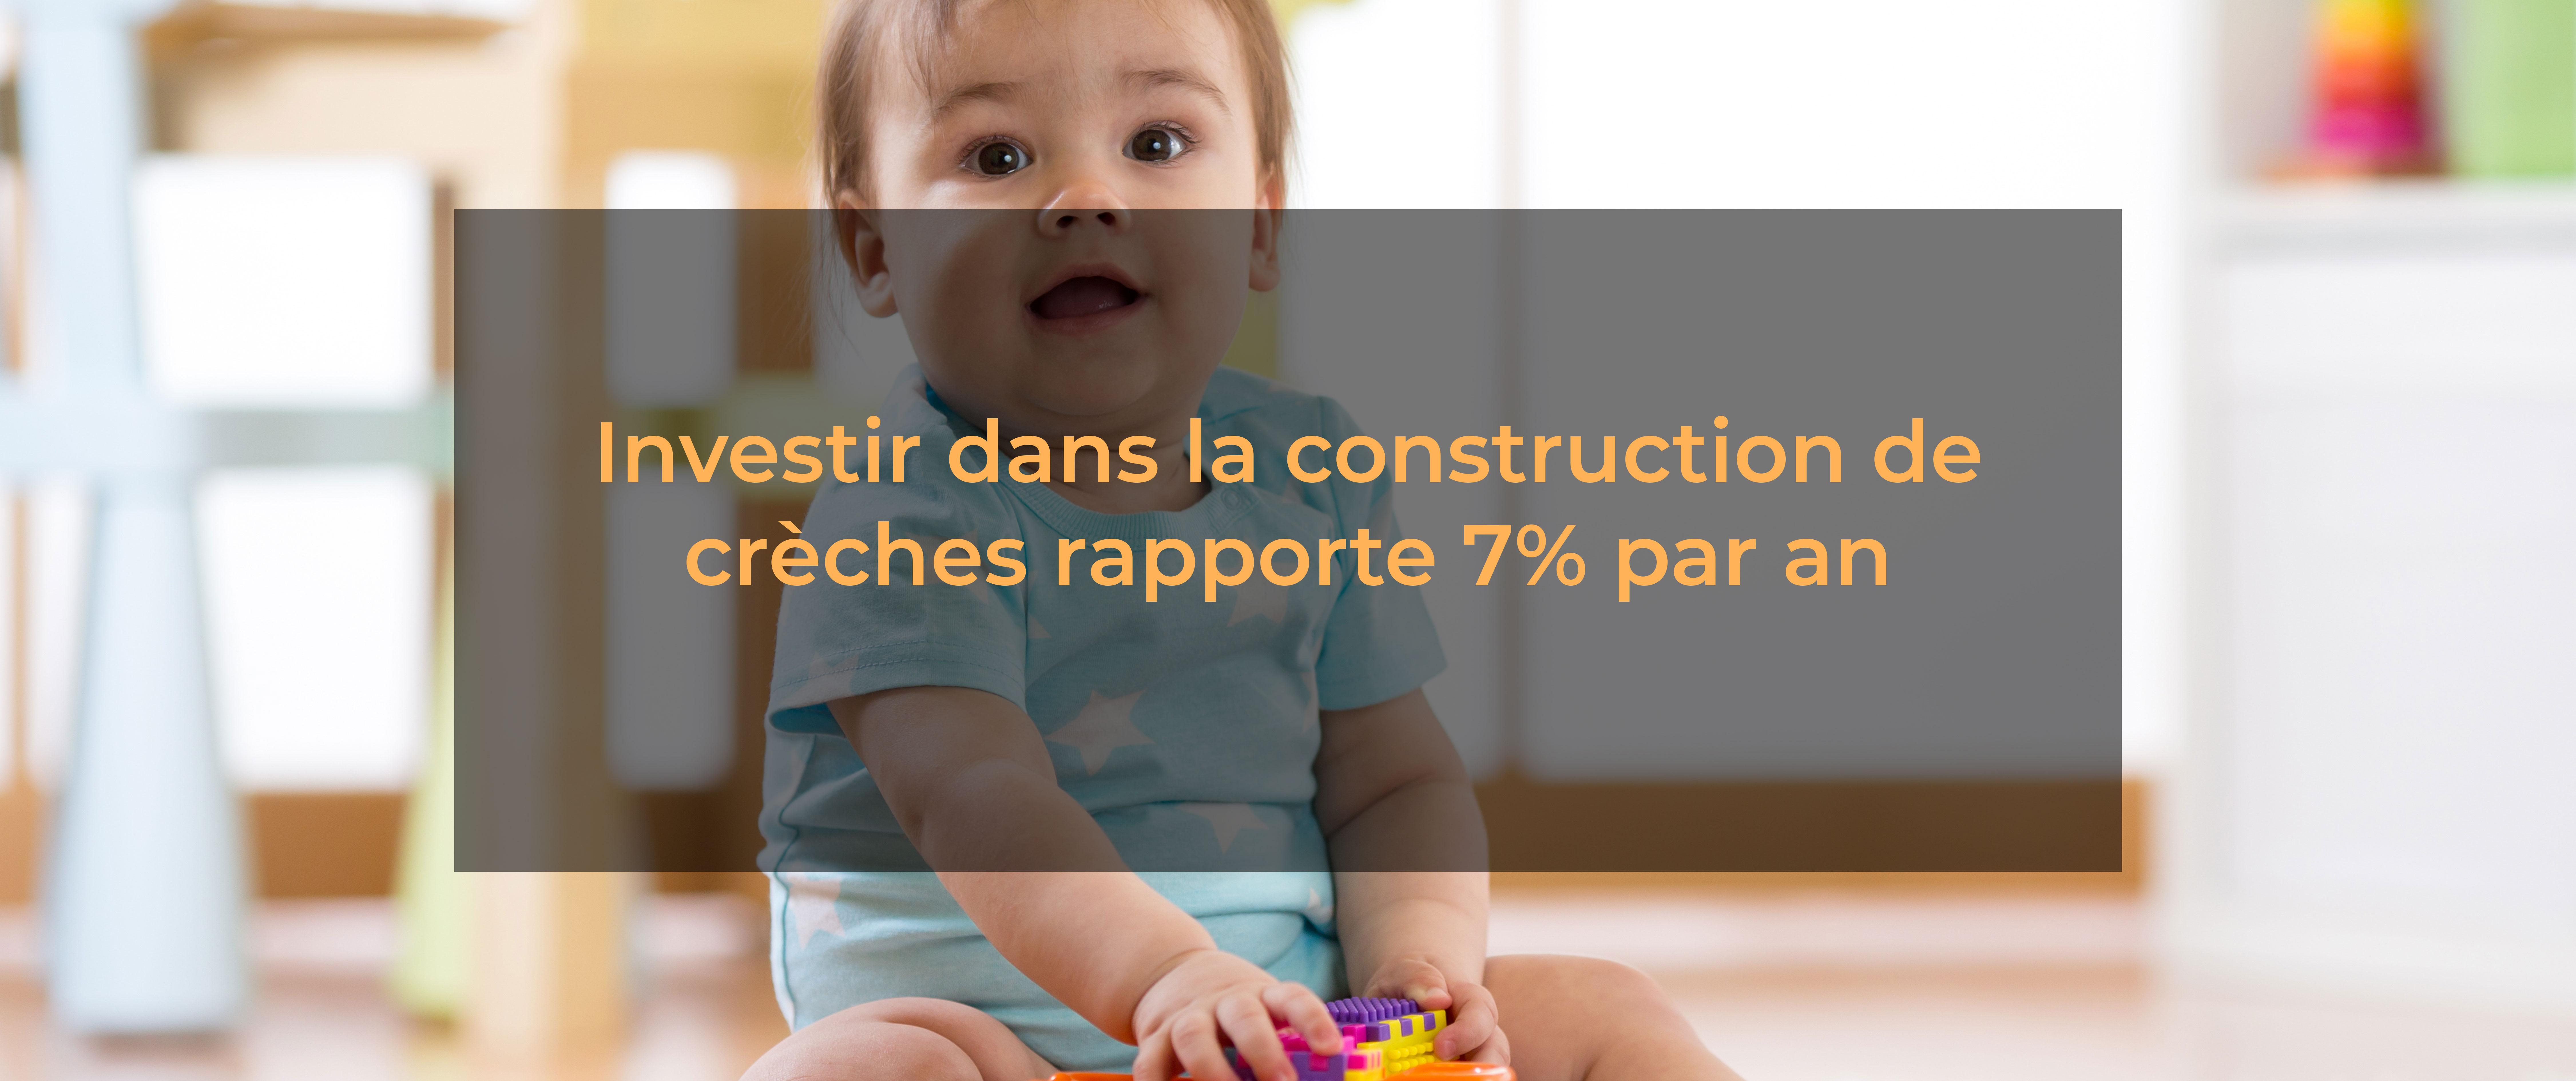 Investir dans la construction de cheche rapporte 7% par an